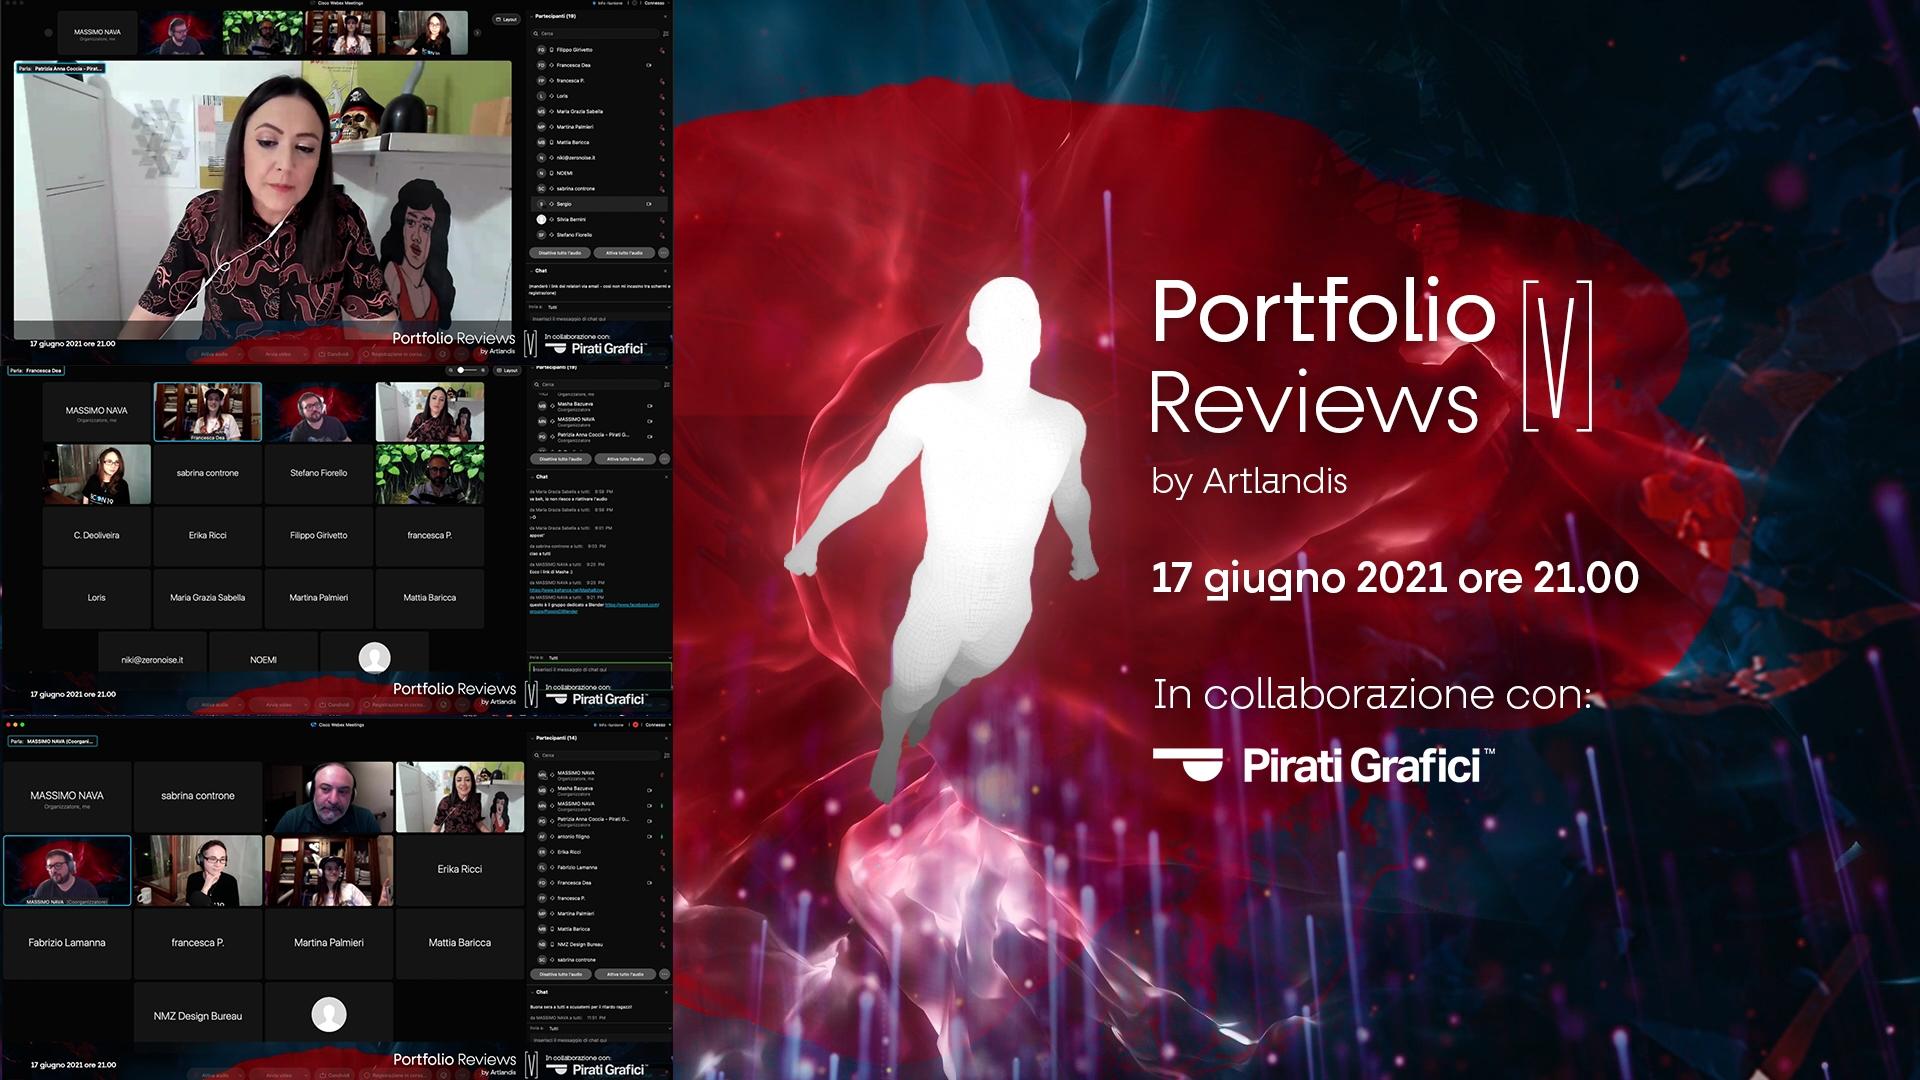 Portfolio Reviews V